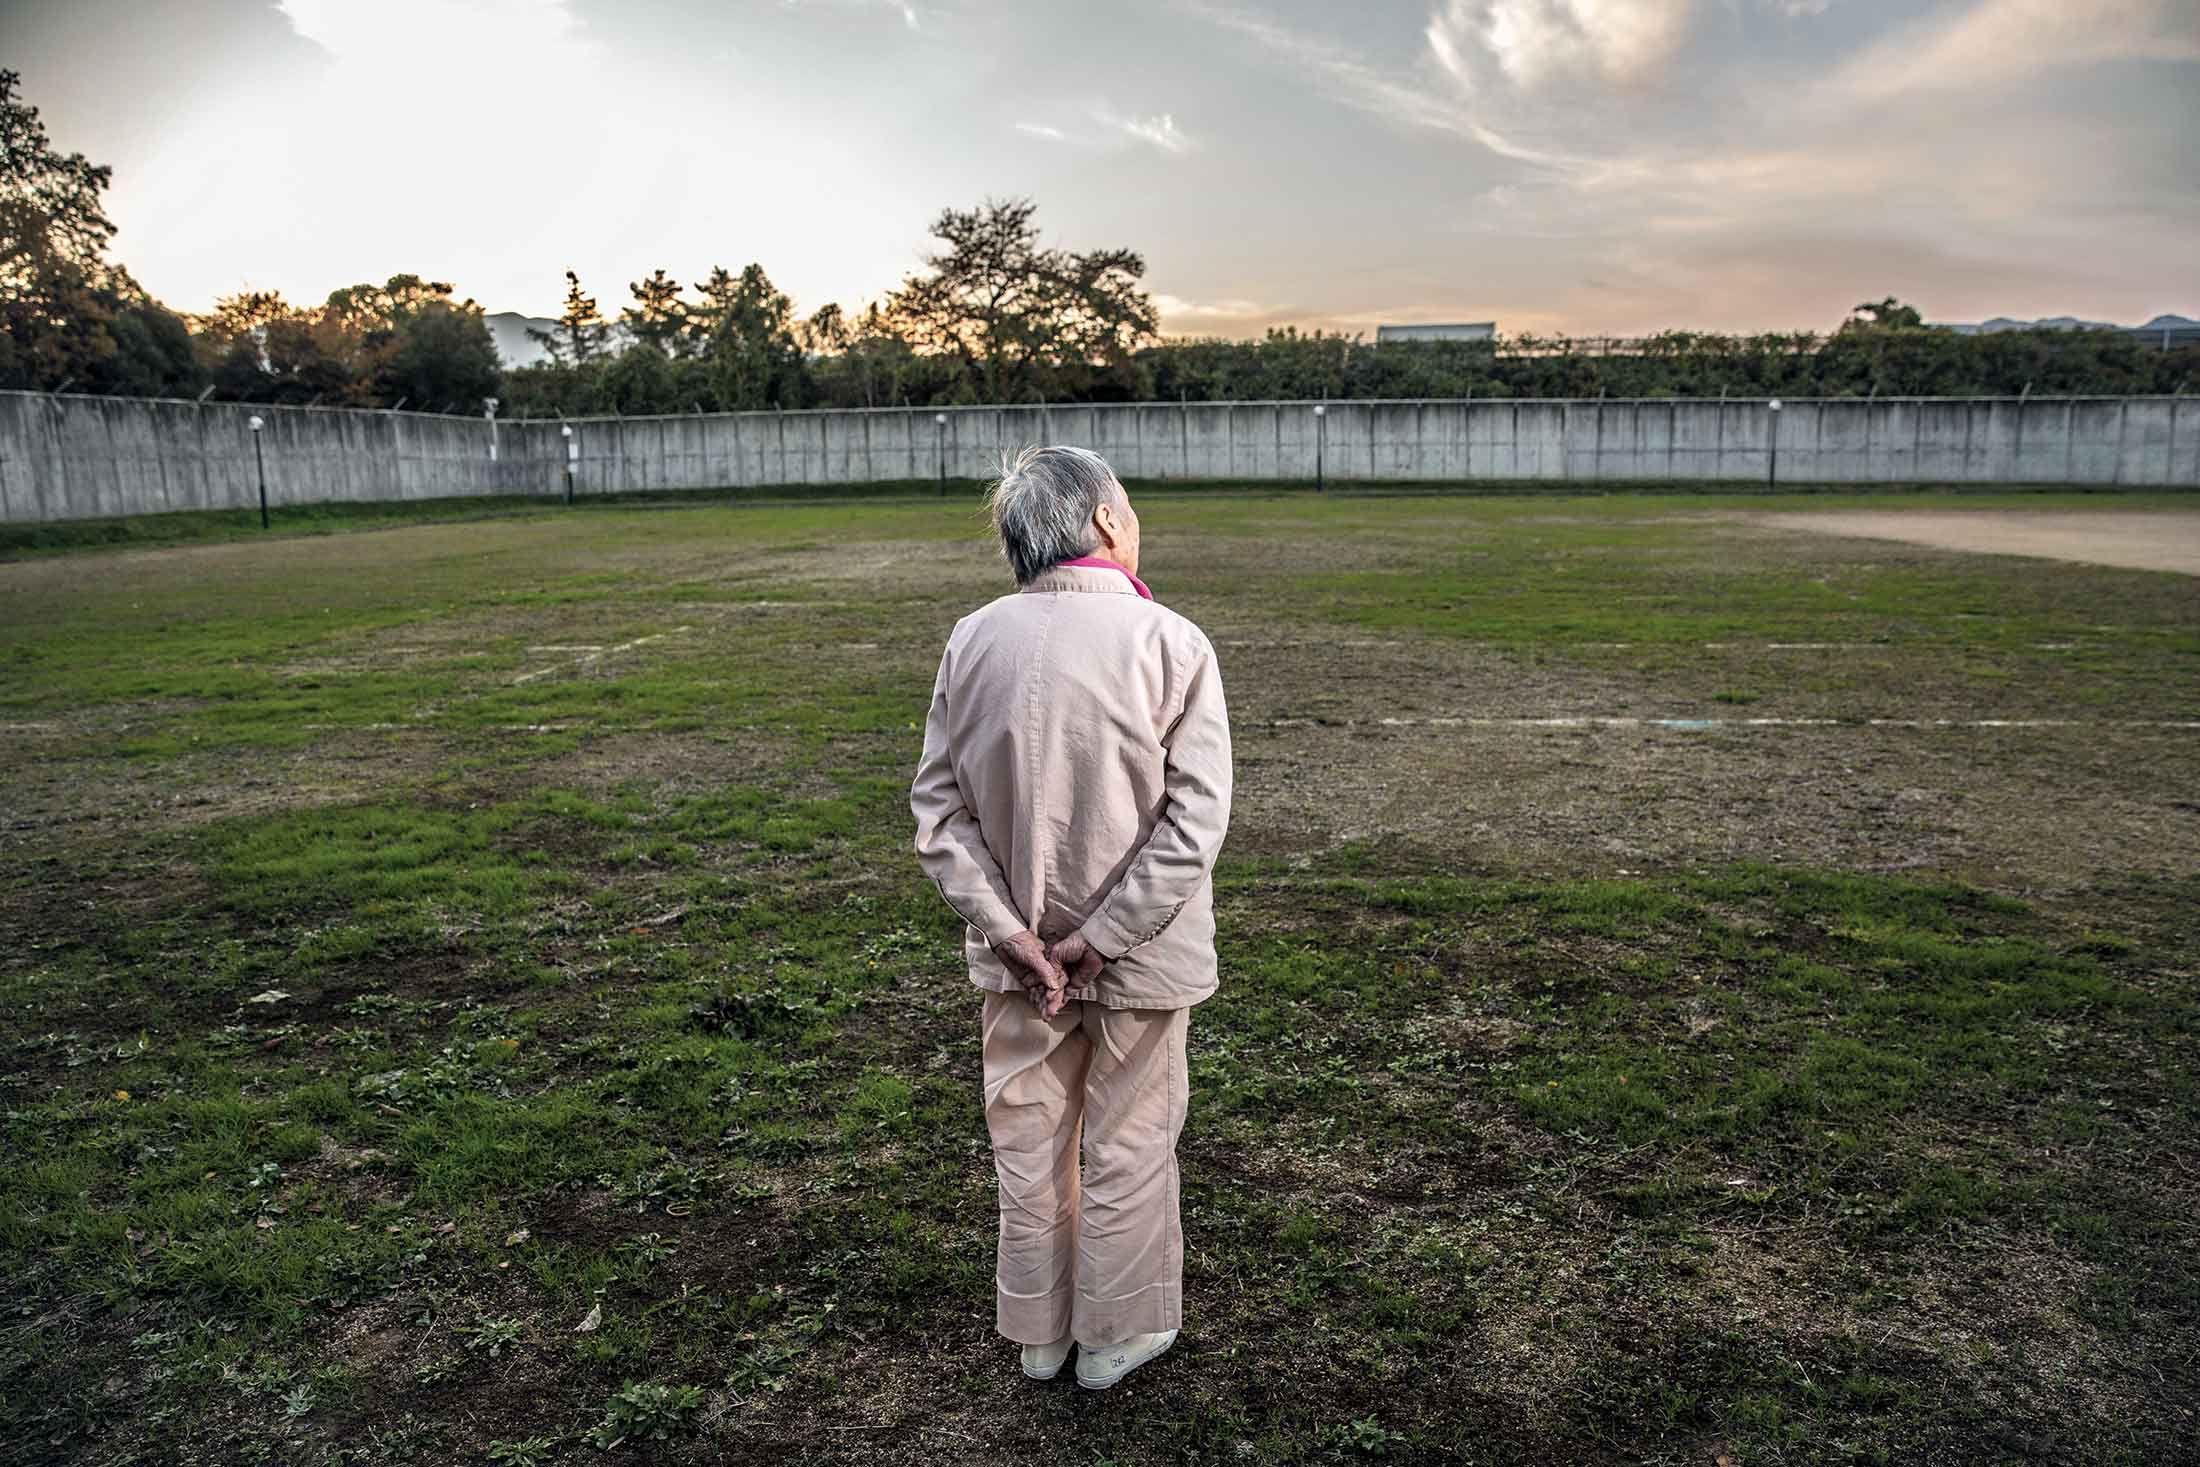 我84岁了,生平第一次来监狱